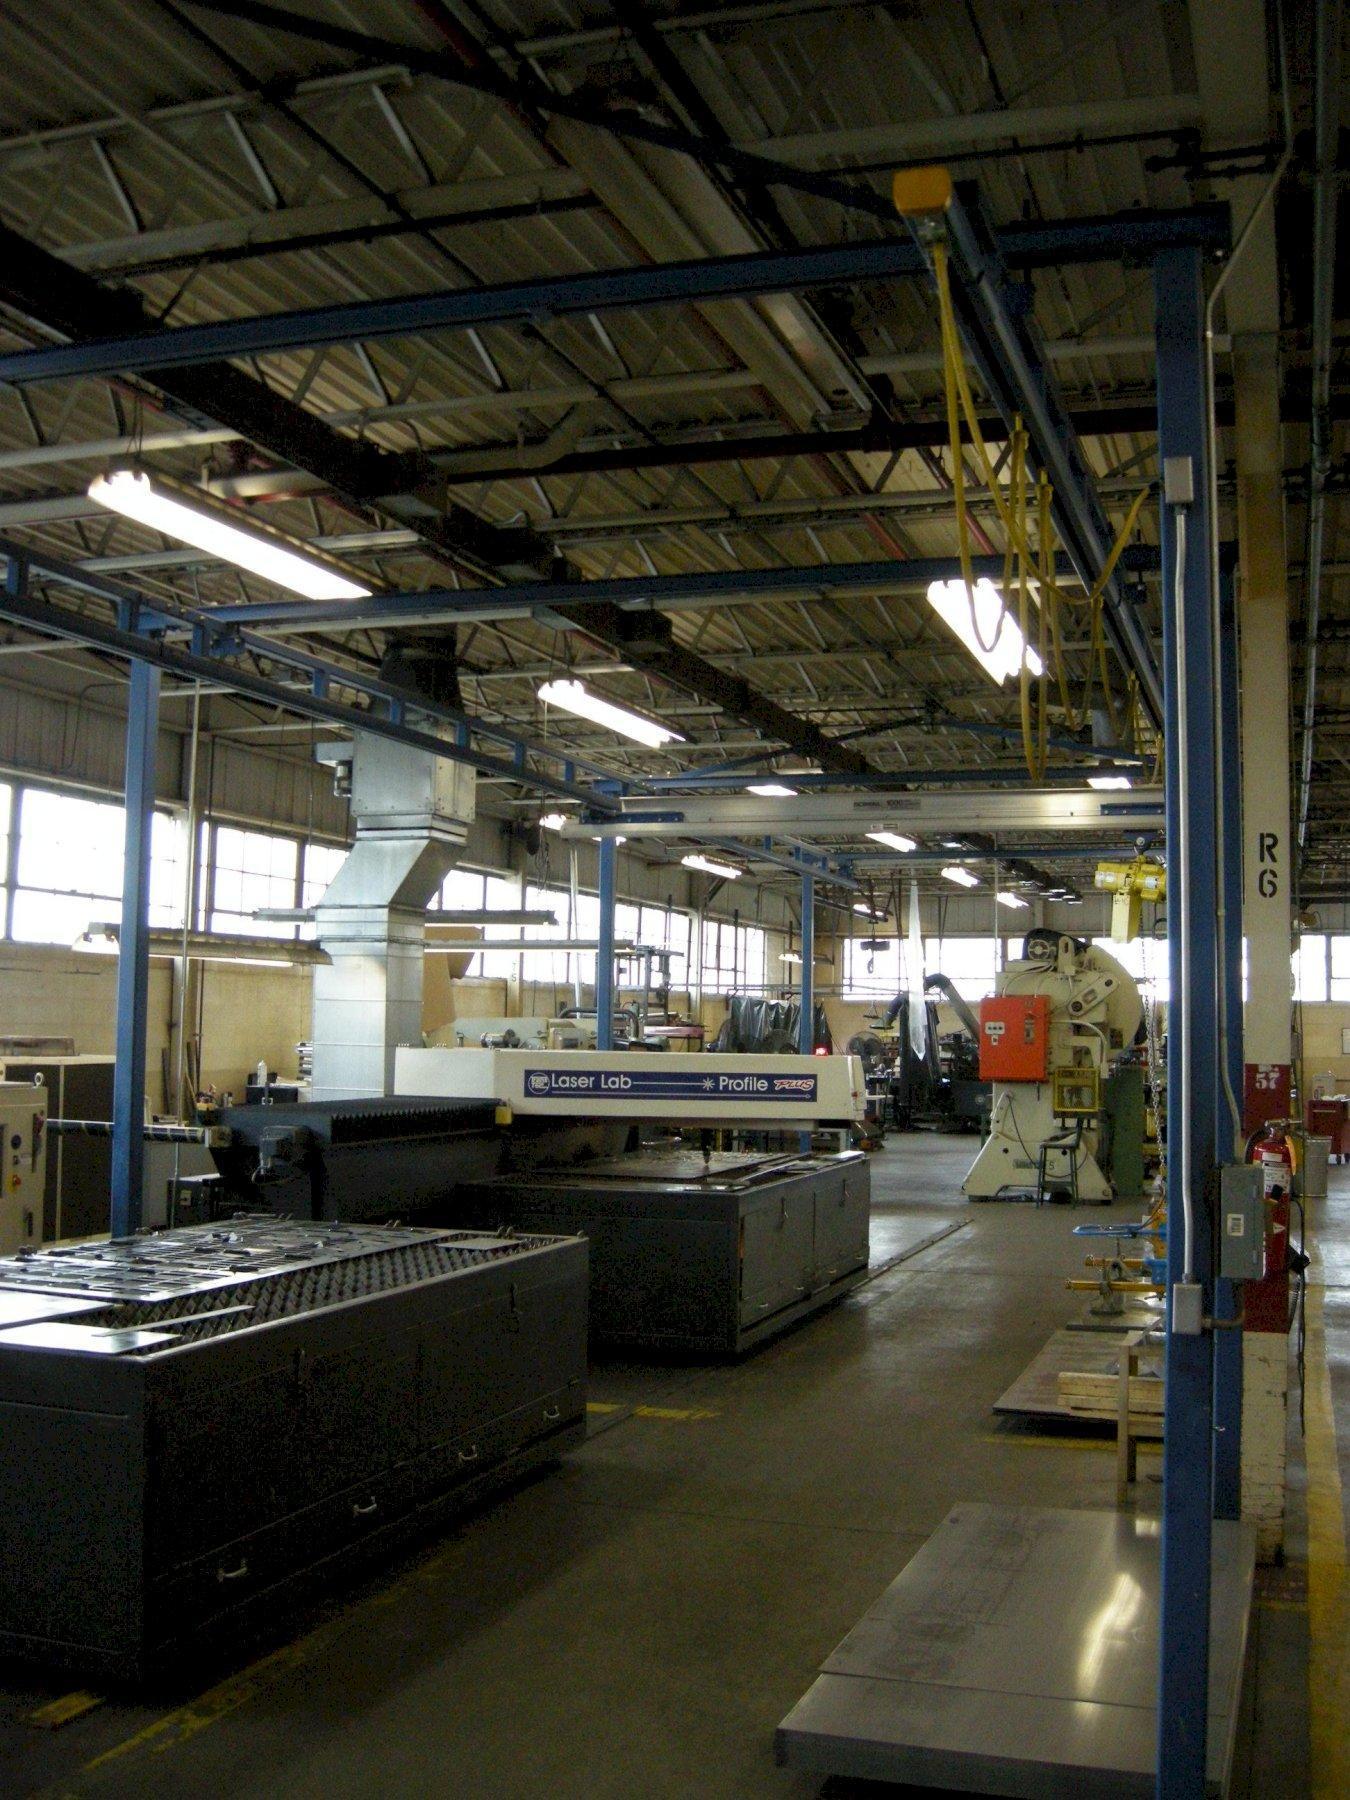 2200 Watt Farley Laser Lab PR-3015 CNC Laser